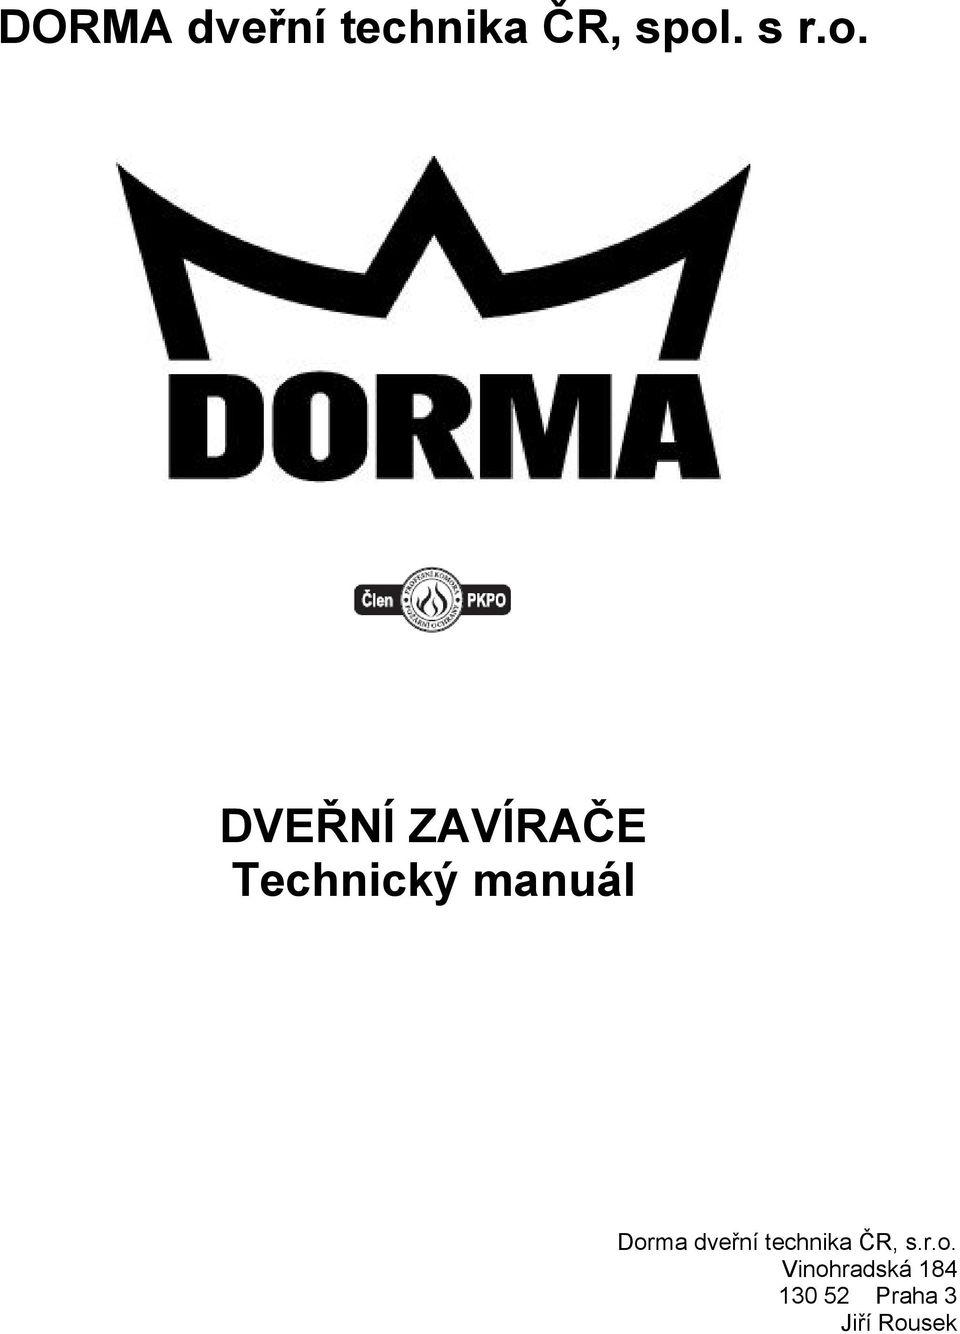 DORMA dveřní technika ČR, spol. s r.o. DVEŘNÍ ZAVÍRAČE